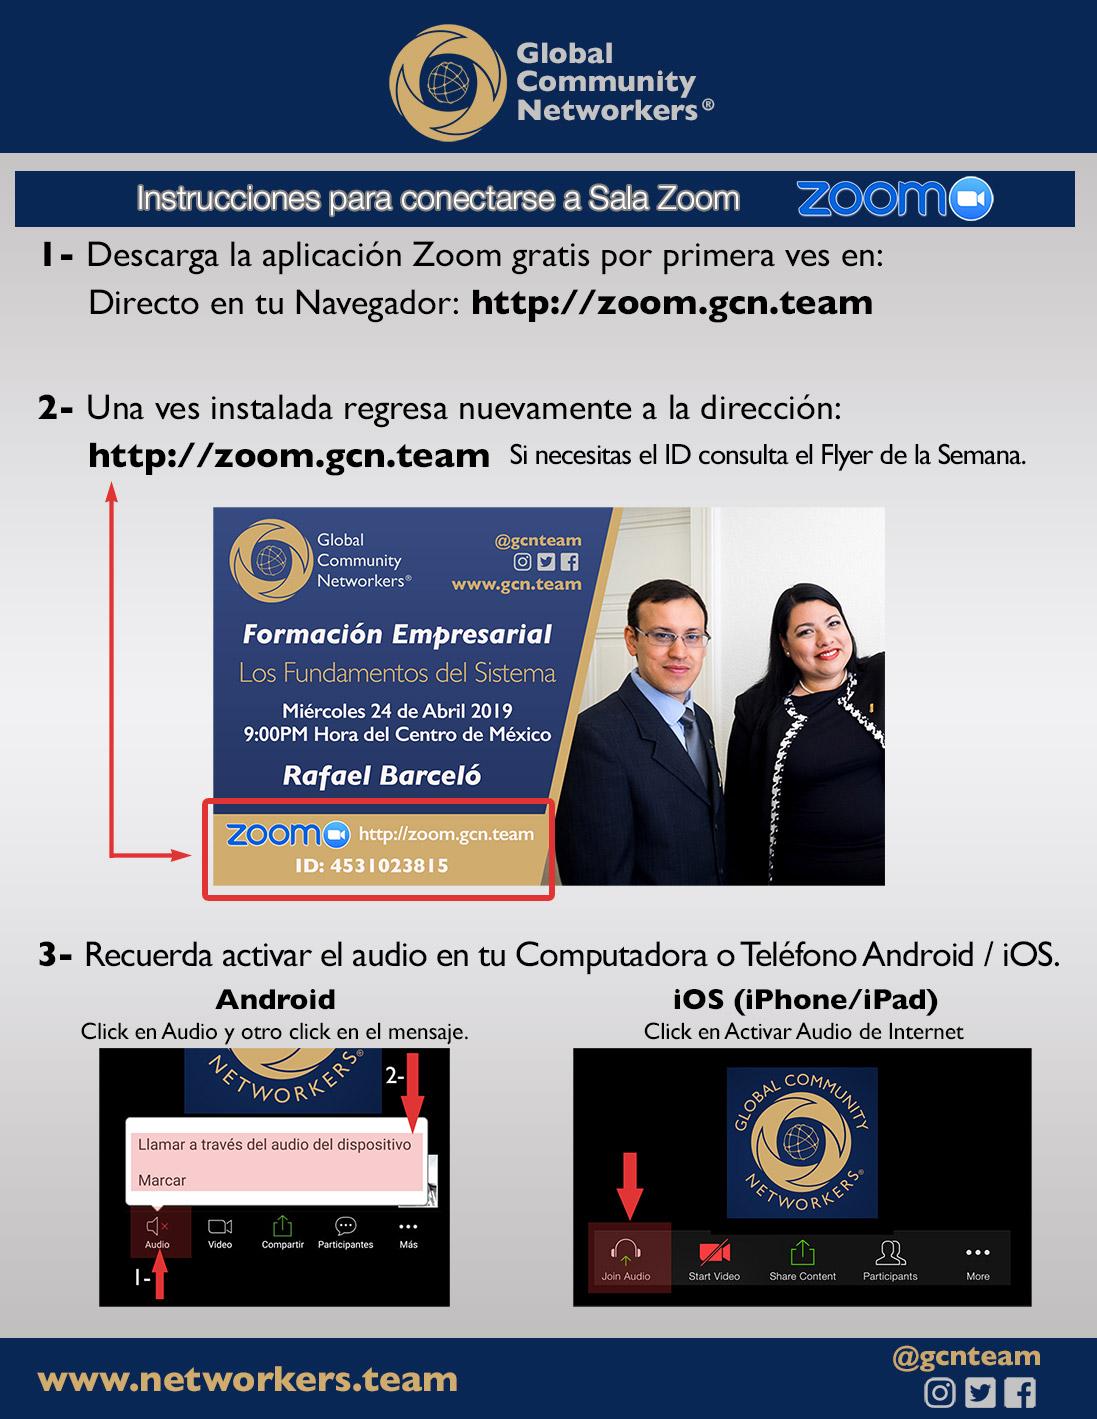 Instrucciones para entrar a Sala Zoom